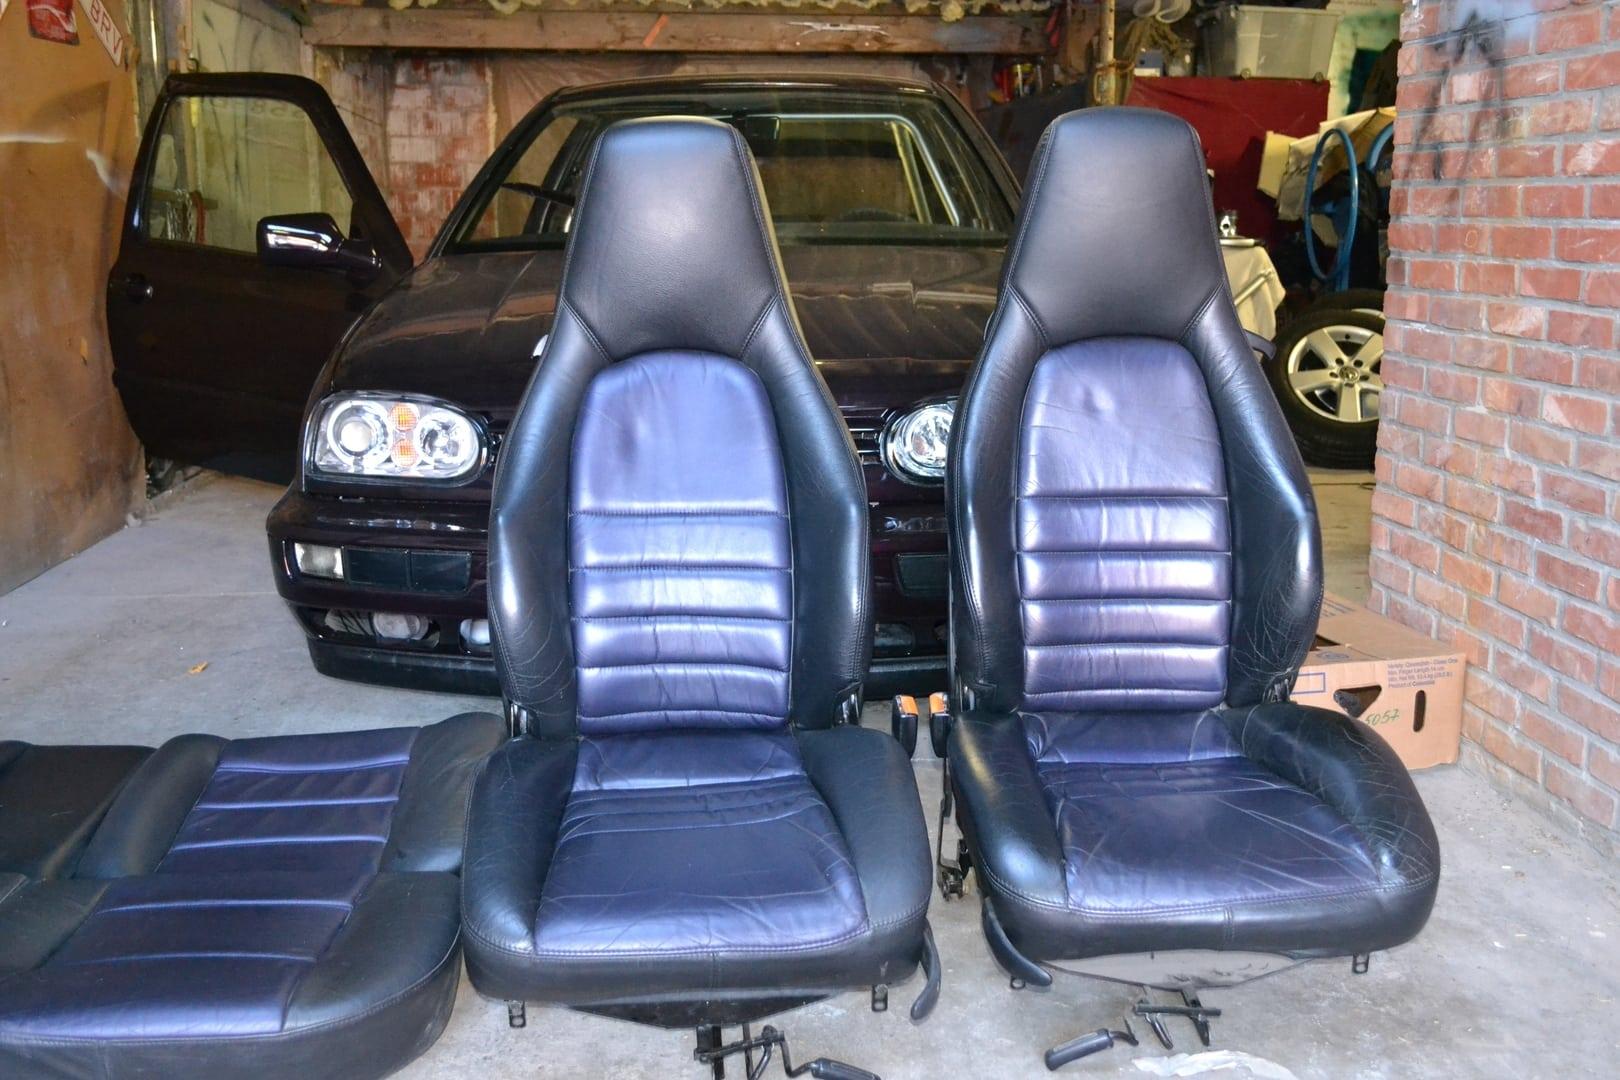 Golf 3 Leren Stoelen.Volksforum Com Golf 3 Lederen Interieur Porsche Turbo Stoelen